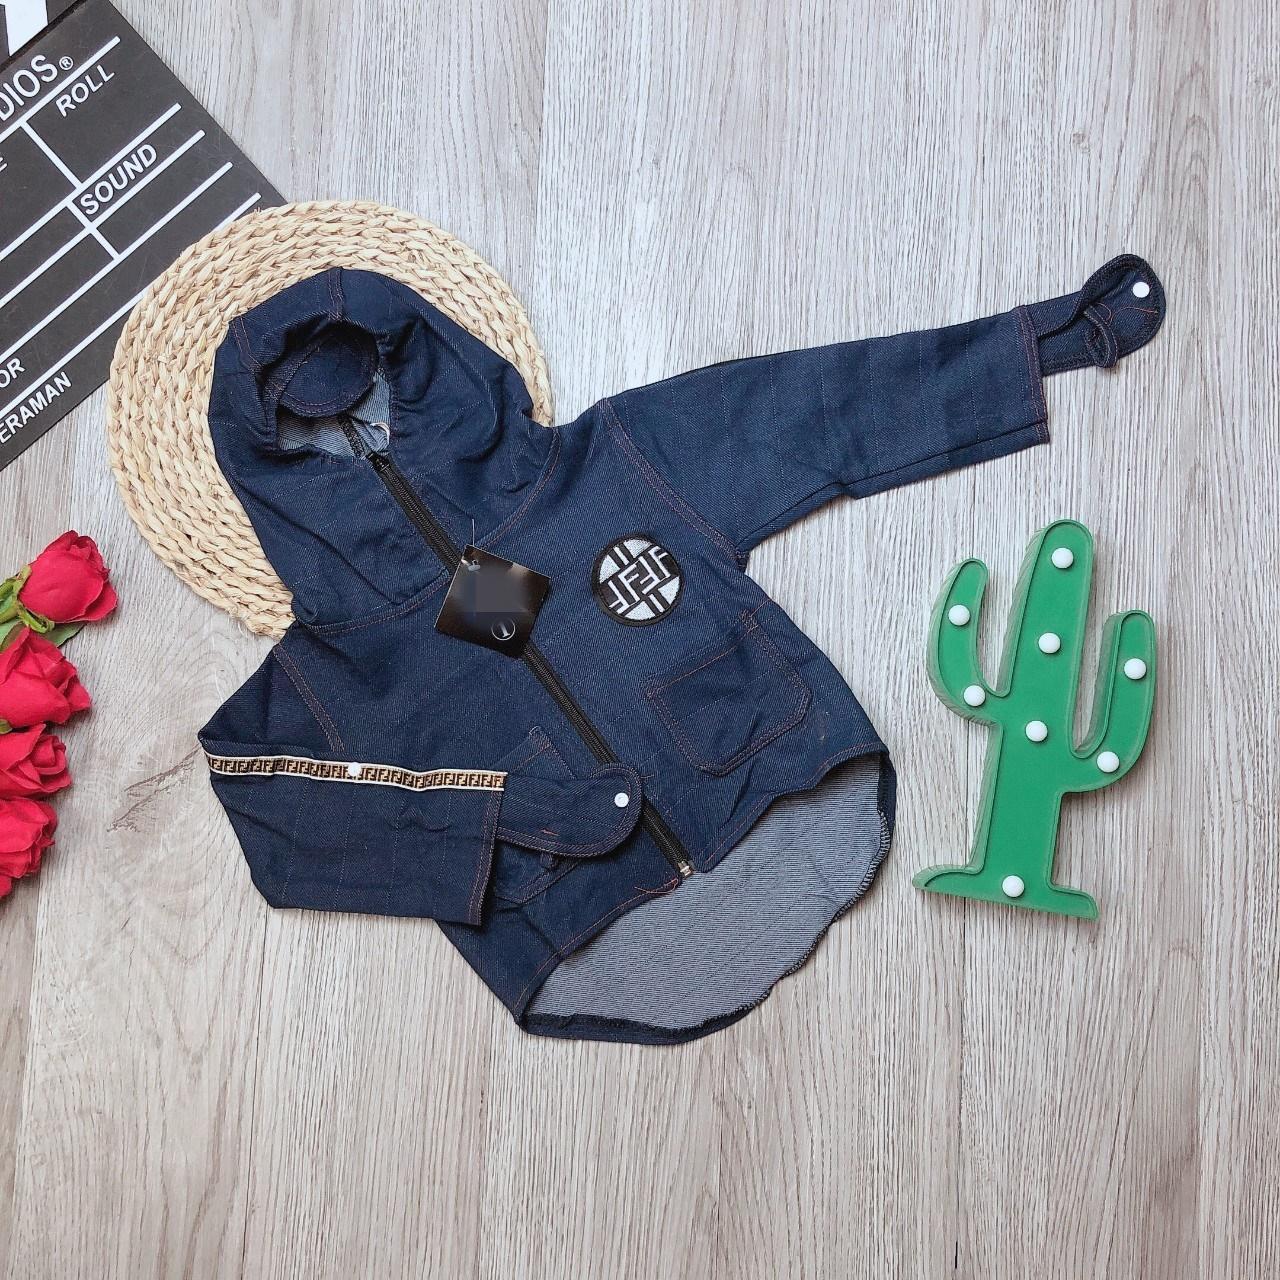 Áo khoác trẻ em chất jean bò( Xanh) cho bé trai bé gái từ 1 tuổi đến 9 tuổi cân...